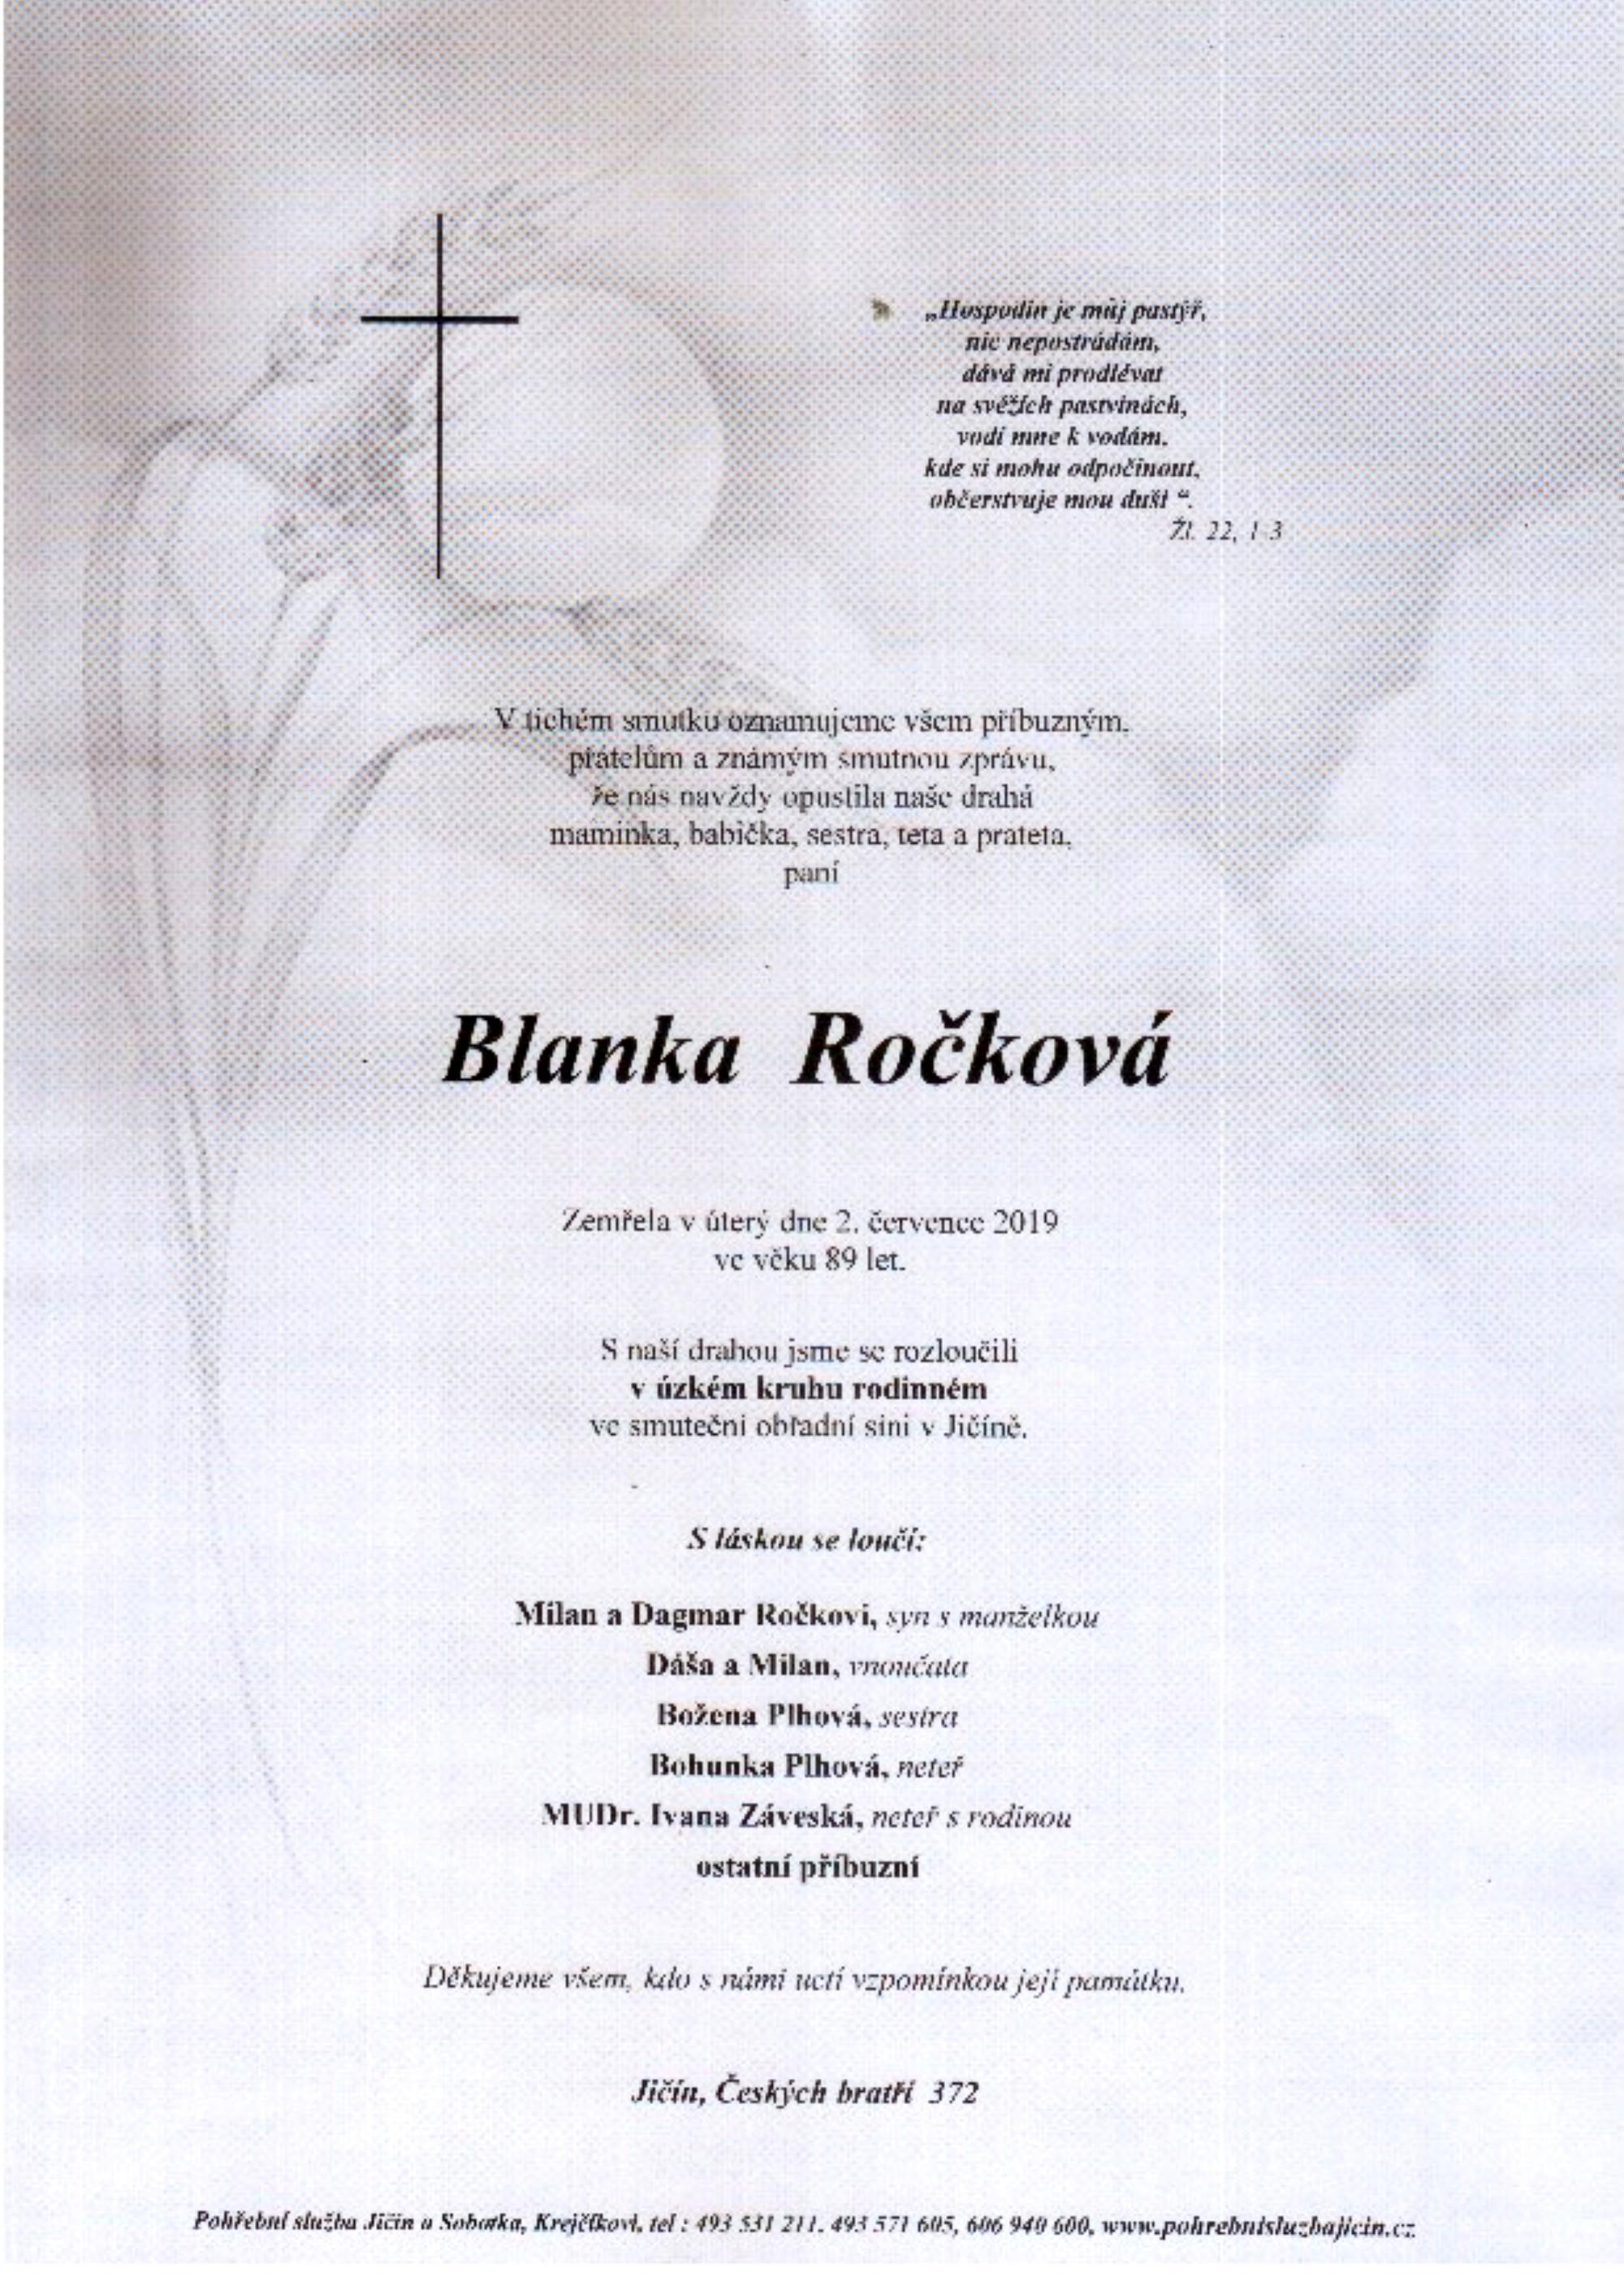 Blanka Ročková